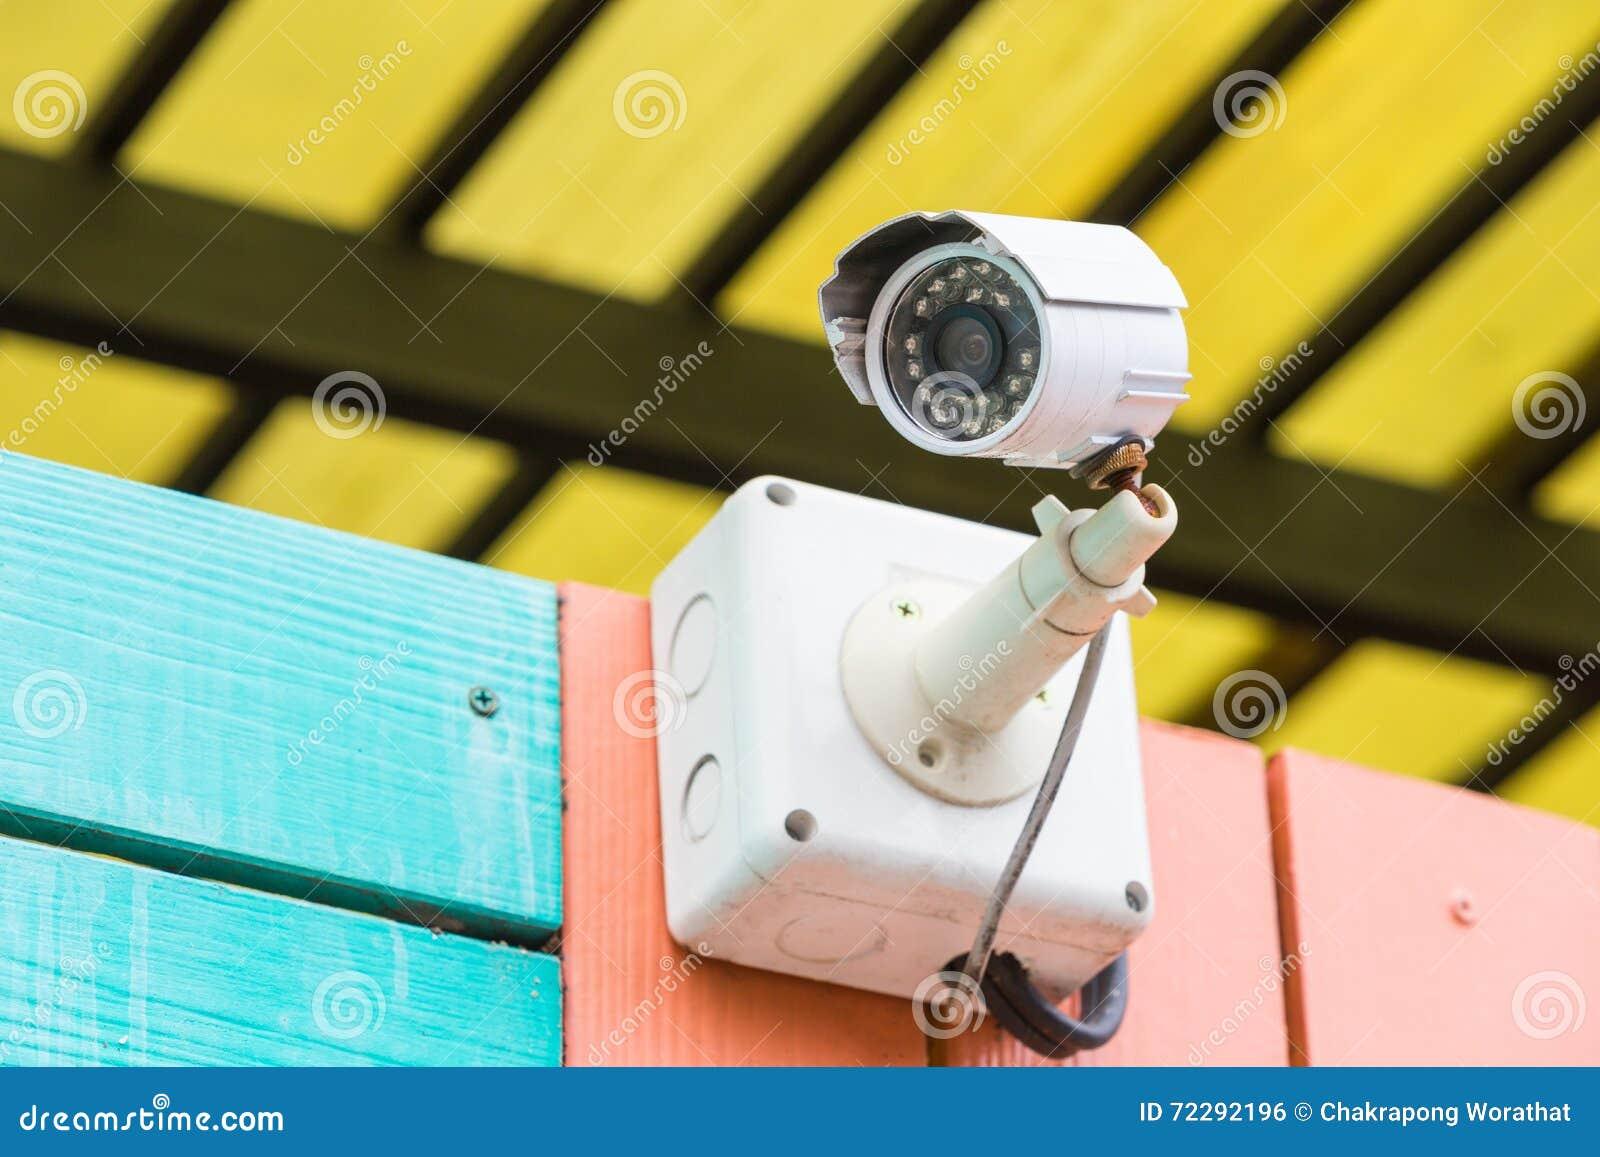 Download Работать камеры CCTV внешний с домашней загородкой Стоковое Фото - изображение насчитывающей показатель, backhoe: 72292196